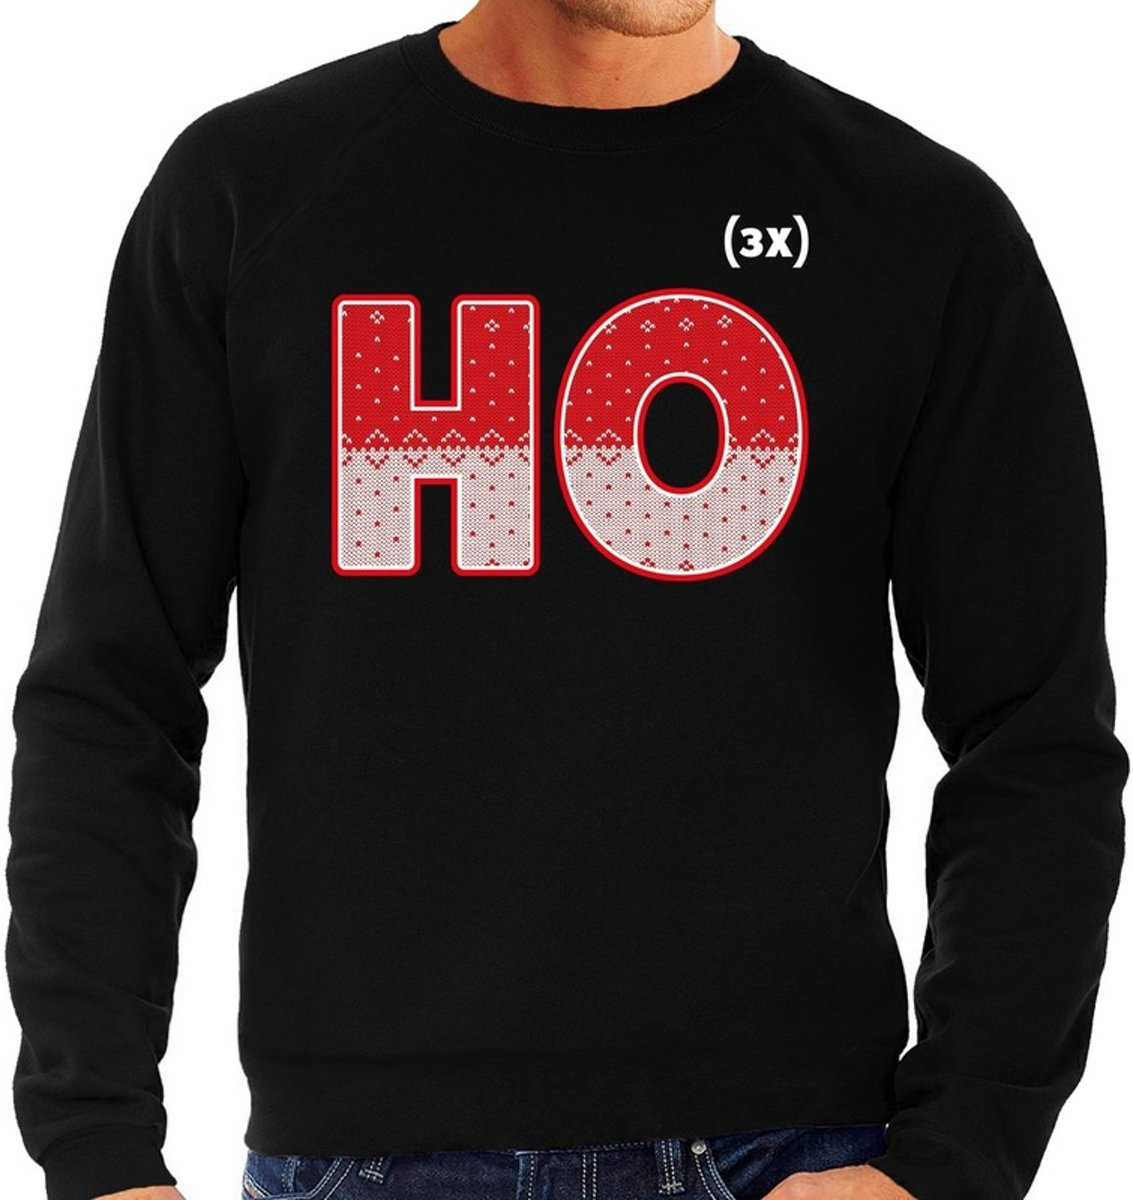 Foute Kersttrui / sweater - ho ho ho - zwart voor heren - kerstkleding / kerst outfit 2XL (56) kopen